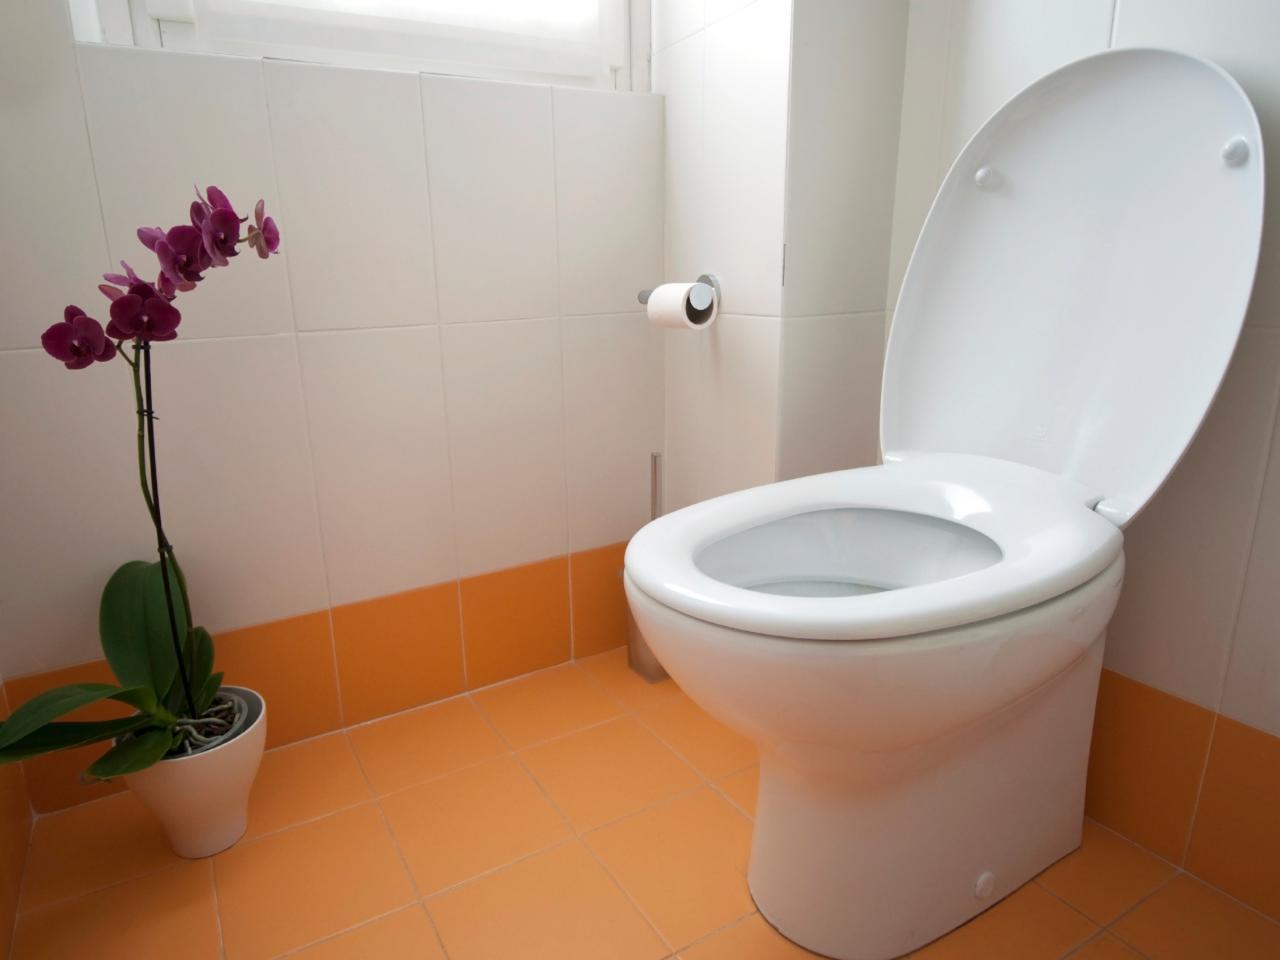 iStock-13234958_toilet-orchid-orange-tile_s4x3.jpg.rend.hgtvcom.1280.960